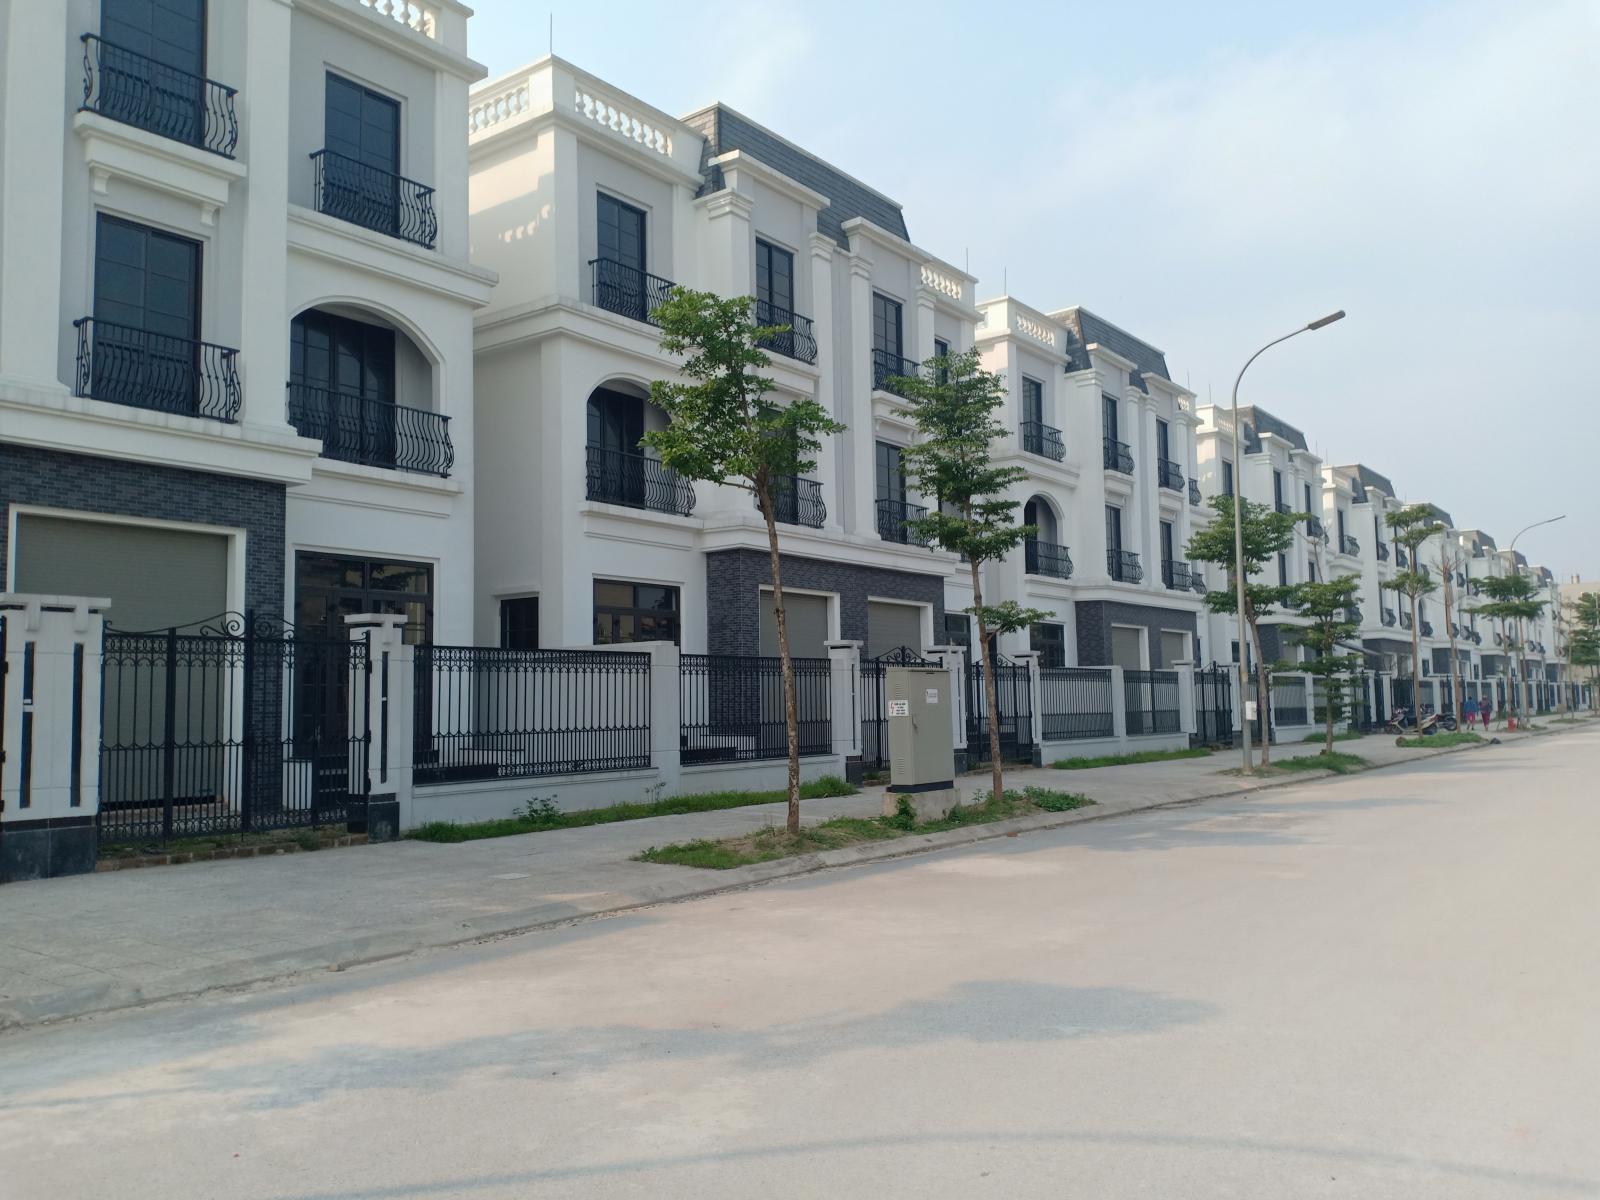 Bán biệt thự TT2 - TT3 KĐT mới Đại Kim Hacinco Nguyễn Xiển, giá từ 11 tỷ, sổ đỏ. LH: 0986.78.65.68